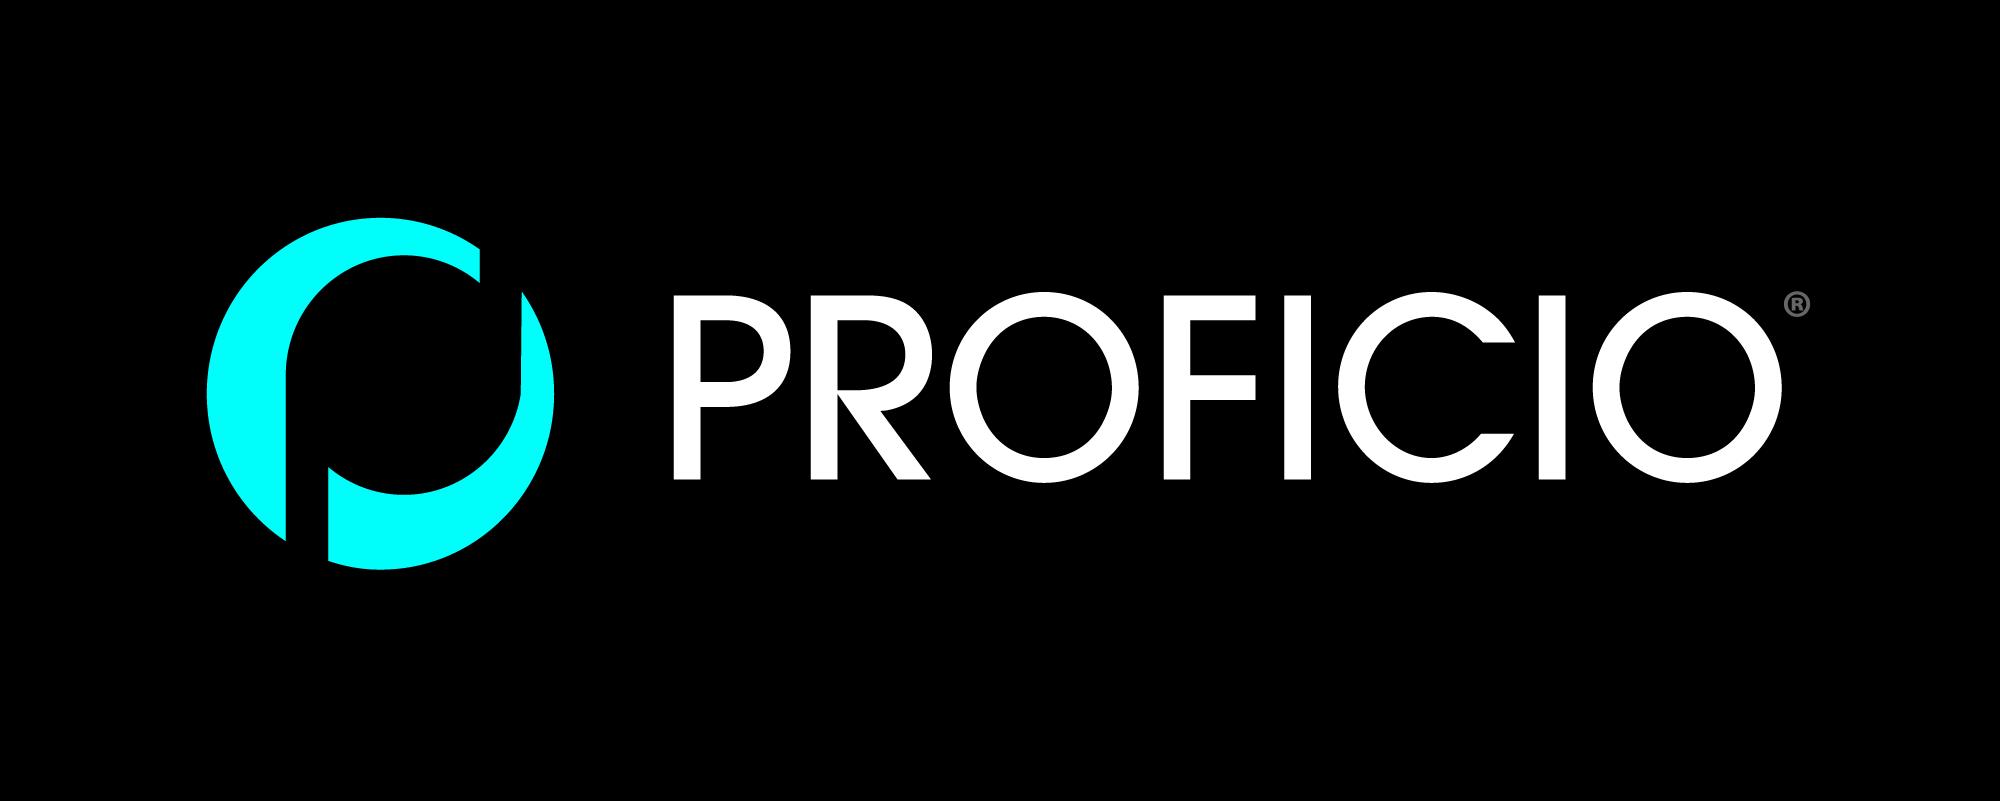 proficio_horz_rgb_blk Directories